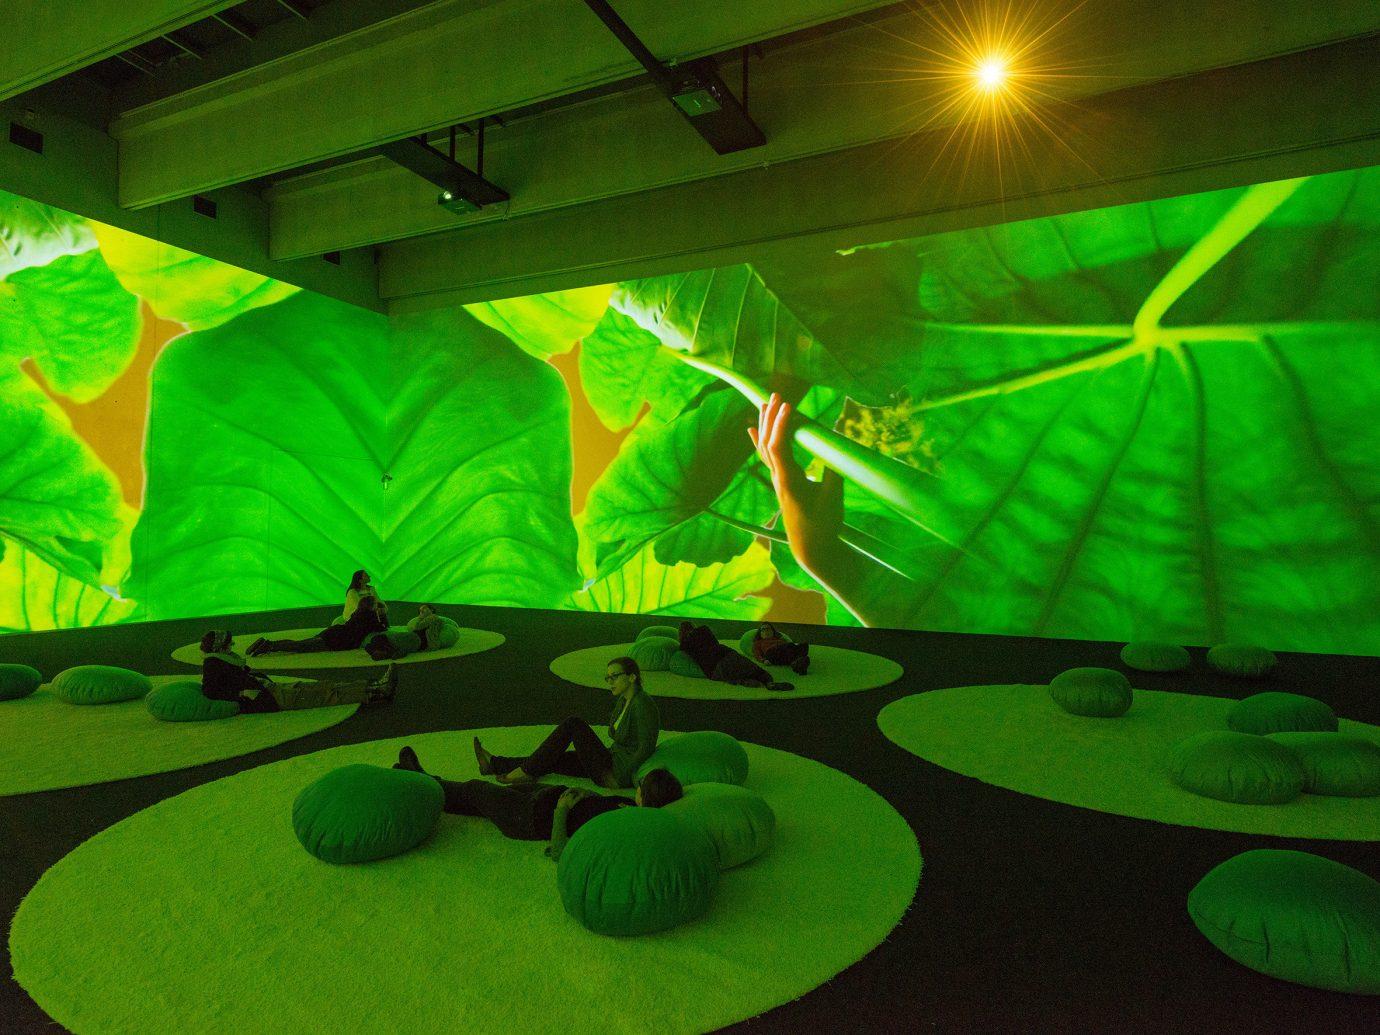 Trip Ideas green indoor ceiling light laser screenshot flower